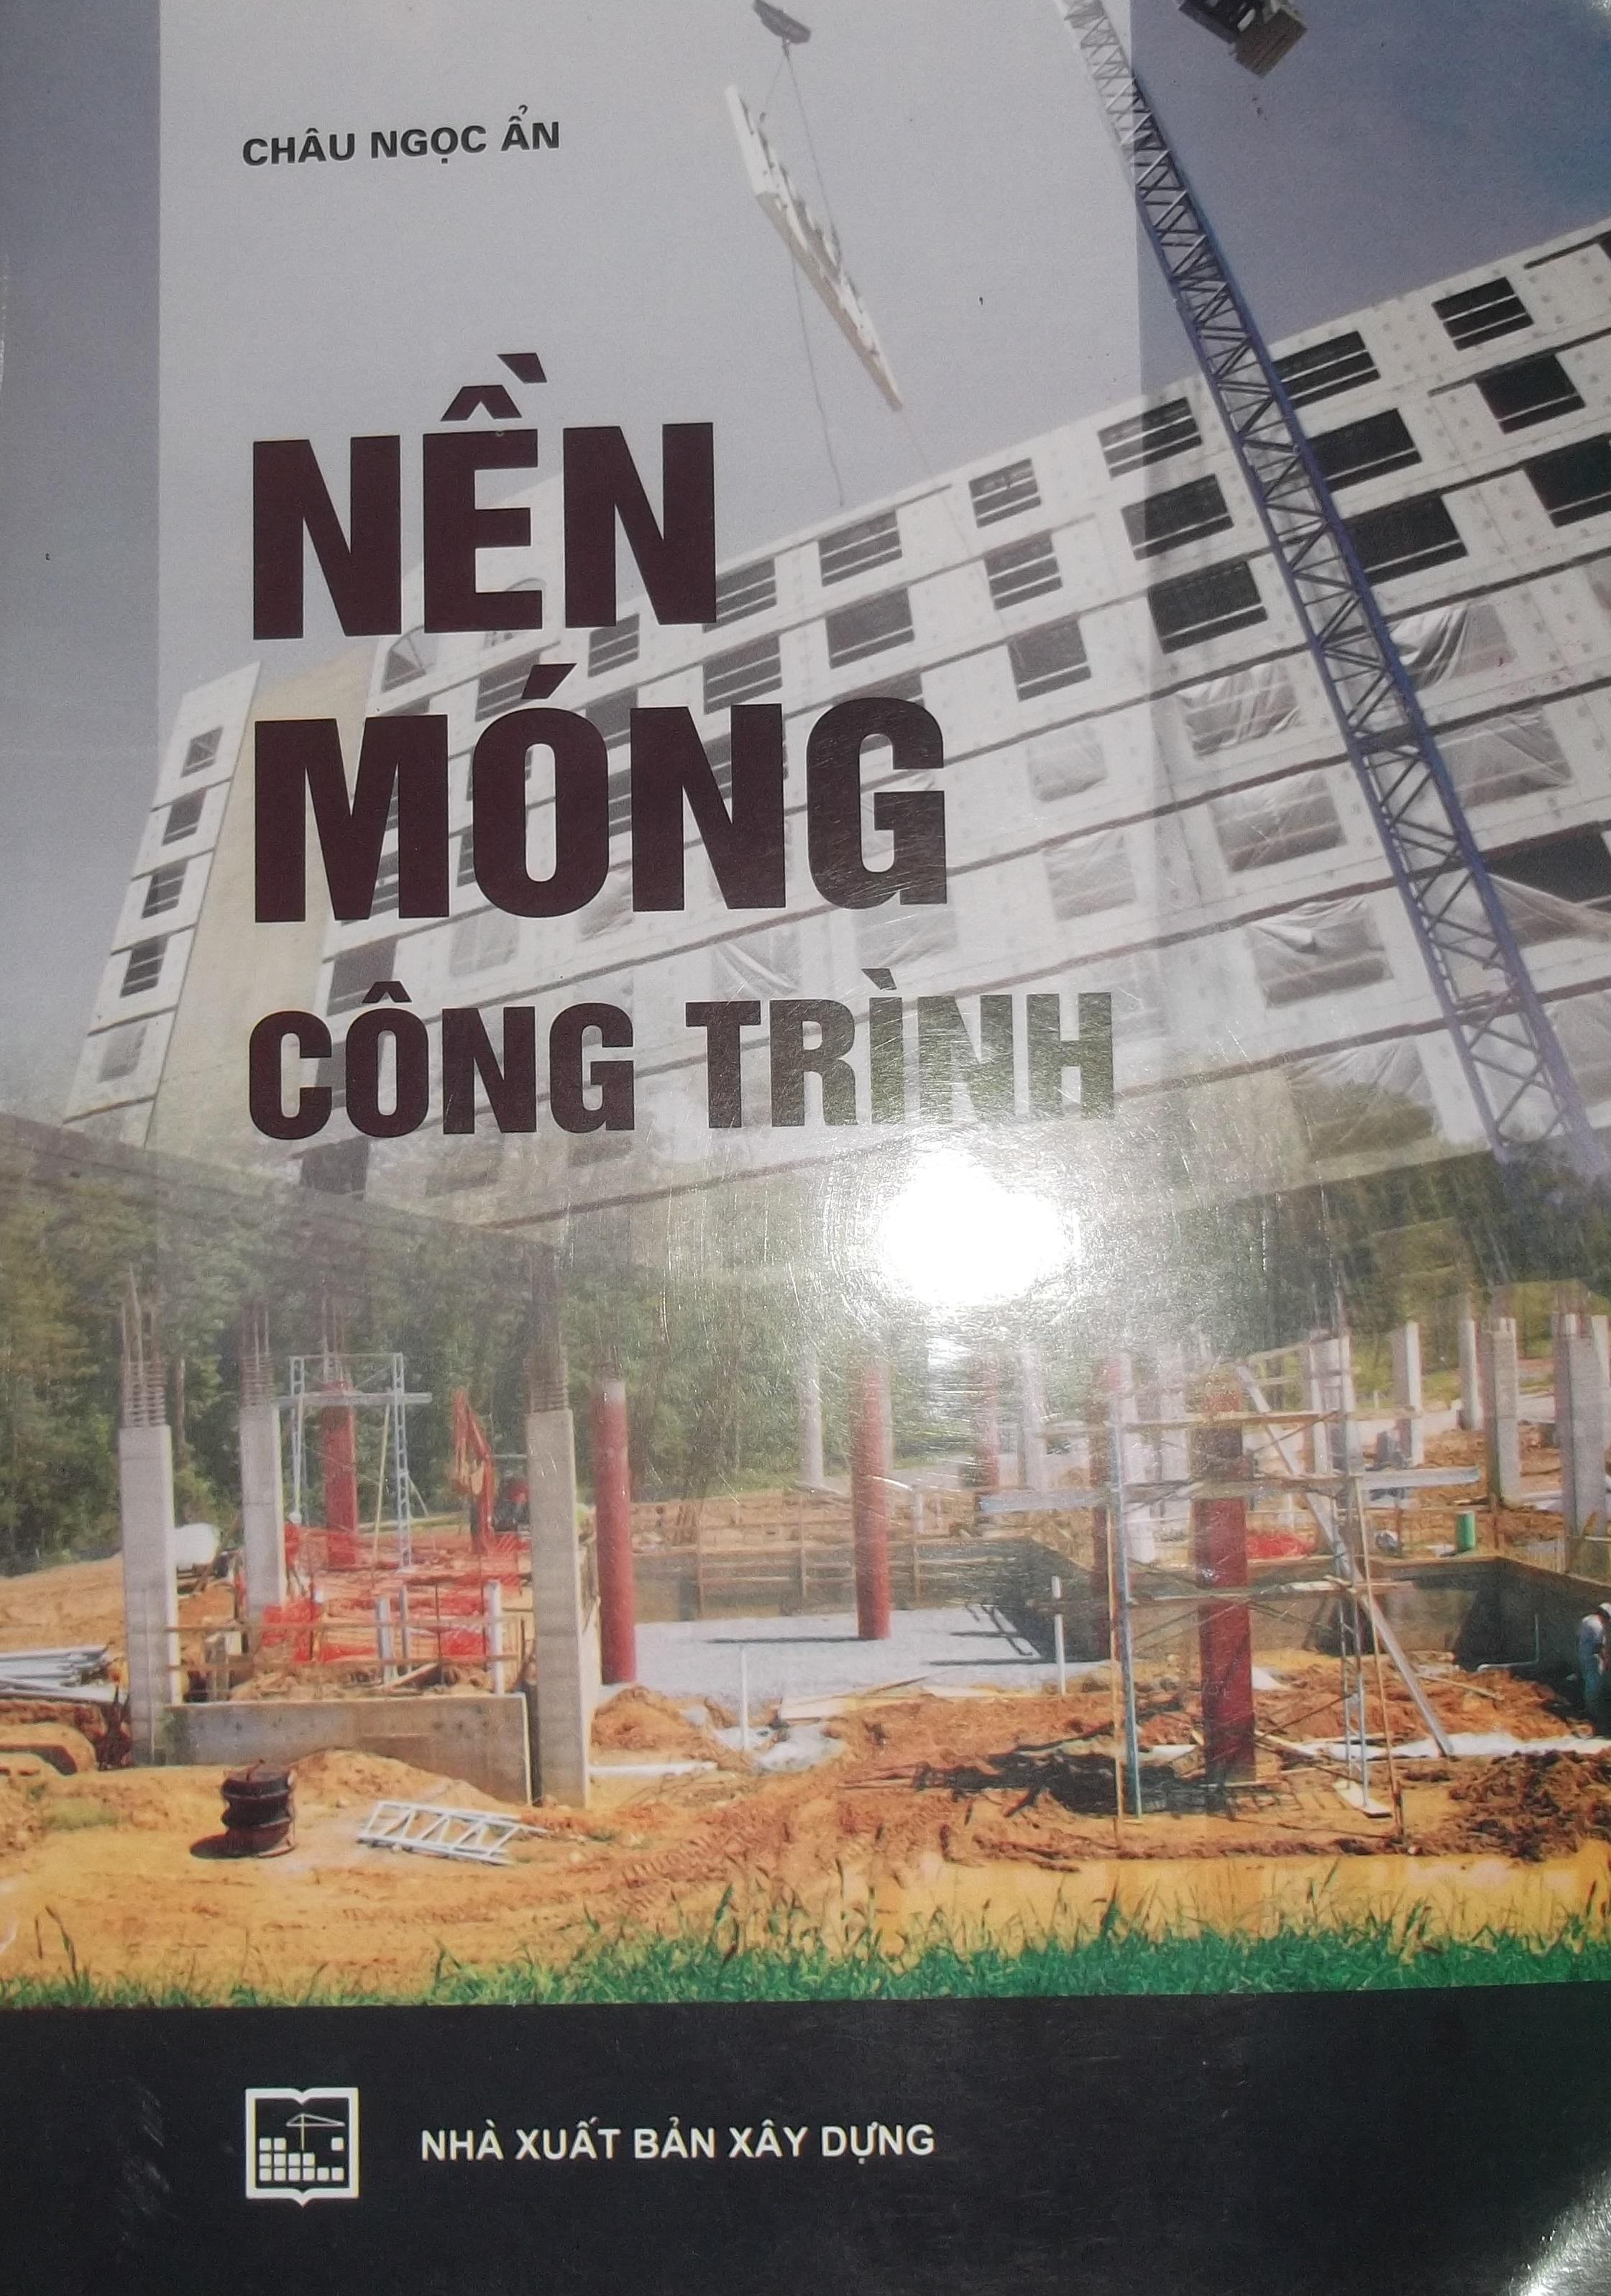 Nền móng công trình - Châu Ngọc Ẩn